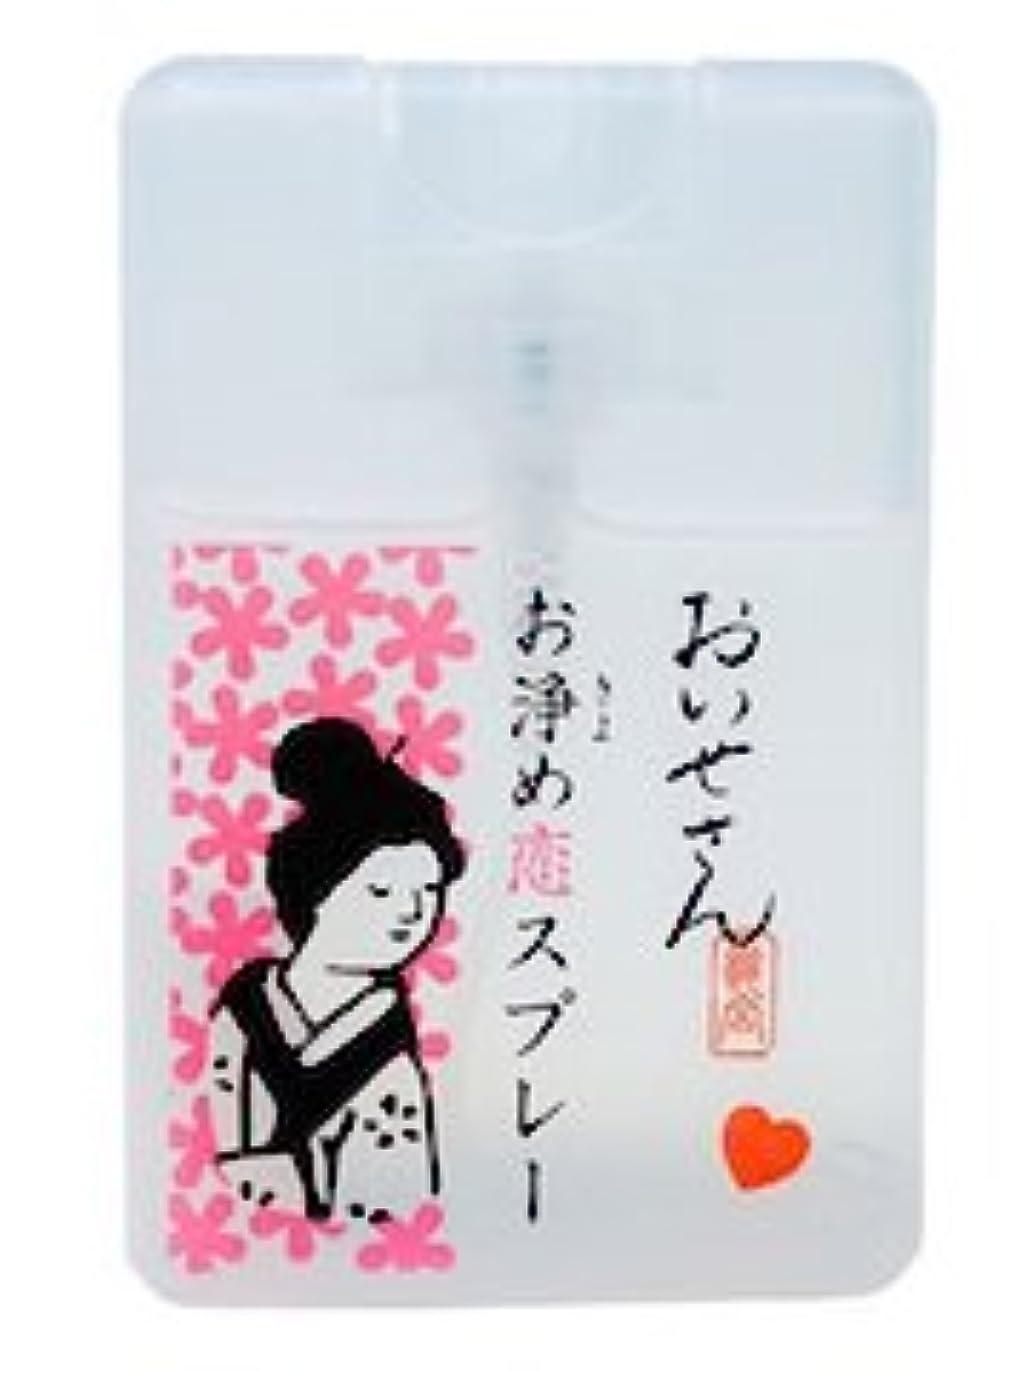 リサイクルするまでブランチ【おいせさん】恋スプレー/フレグランススプレー